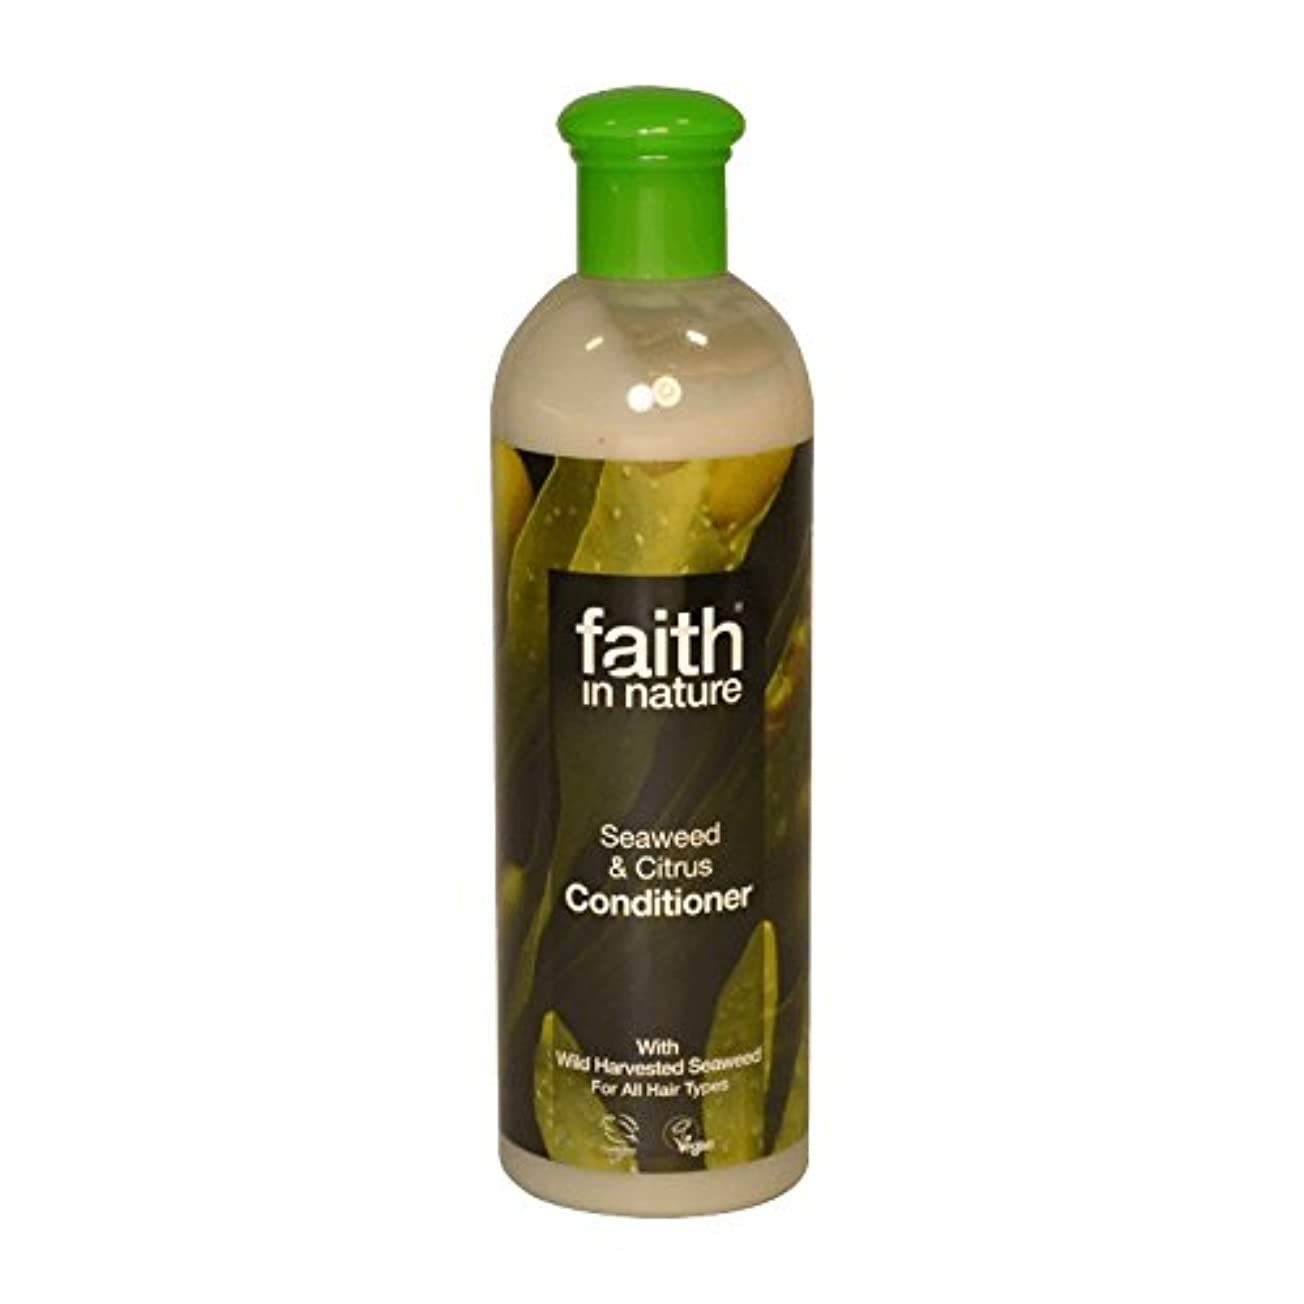 胃衝突する作成者自然の海藻&シトラスコンディショナー400ミリリットルの信仰 - Faith in Nature Seaweed & Citrus Conditioner 400ml (Faith in Nature) [並行輸入品]